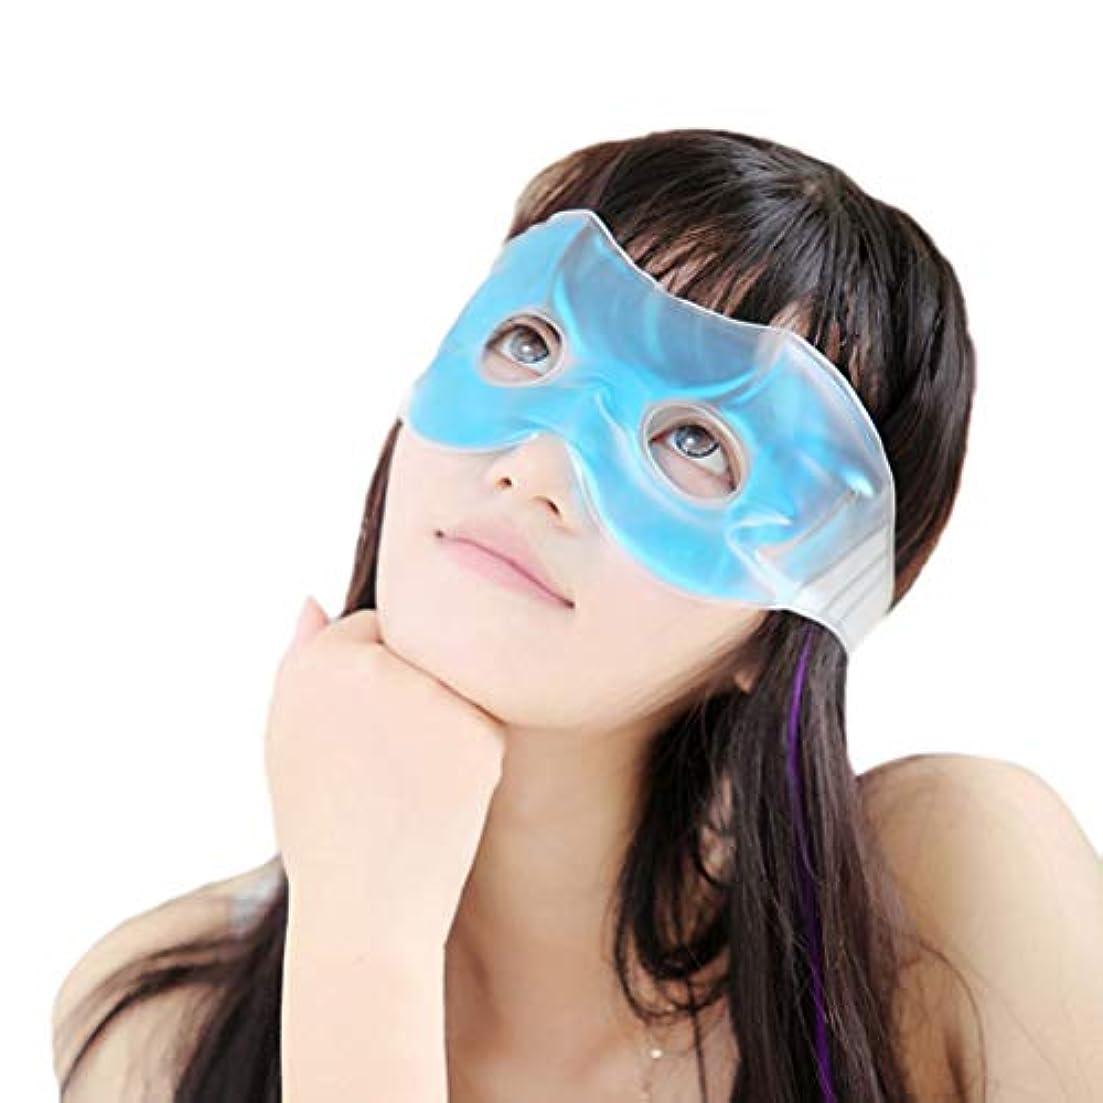 太陽商標徴収Heallilyアイスアイマスク睡眠アイスパッチ冷却リラックスブラインド快適なパッチ用アイパフネスダークサークル